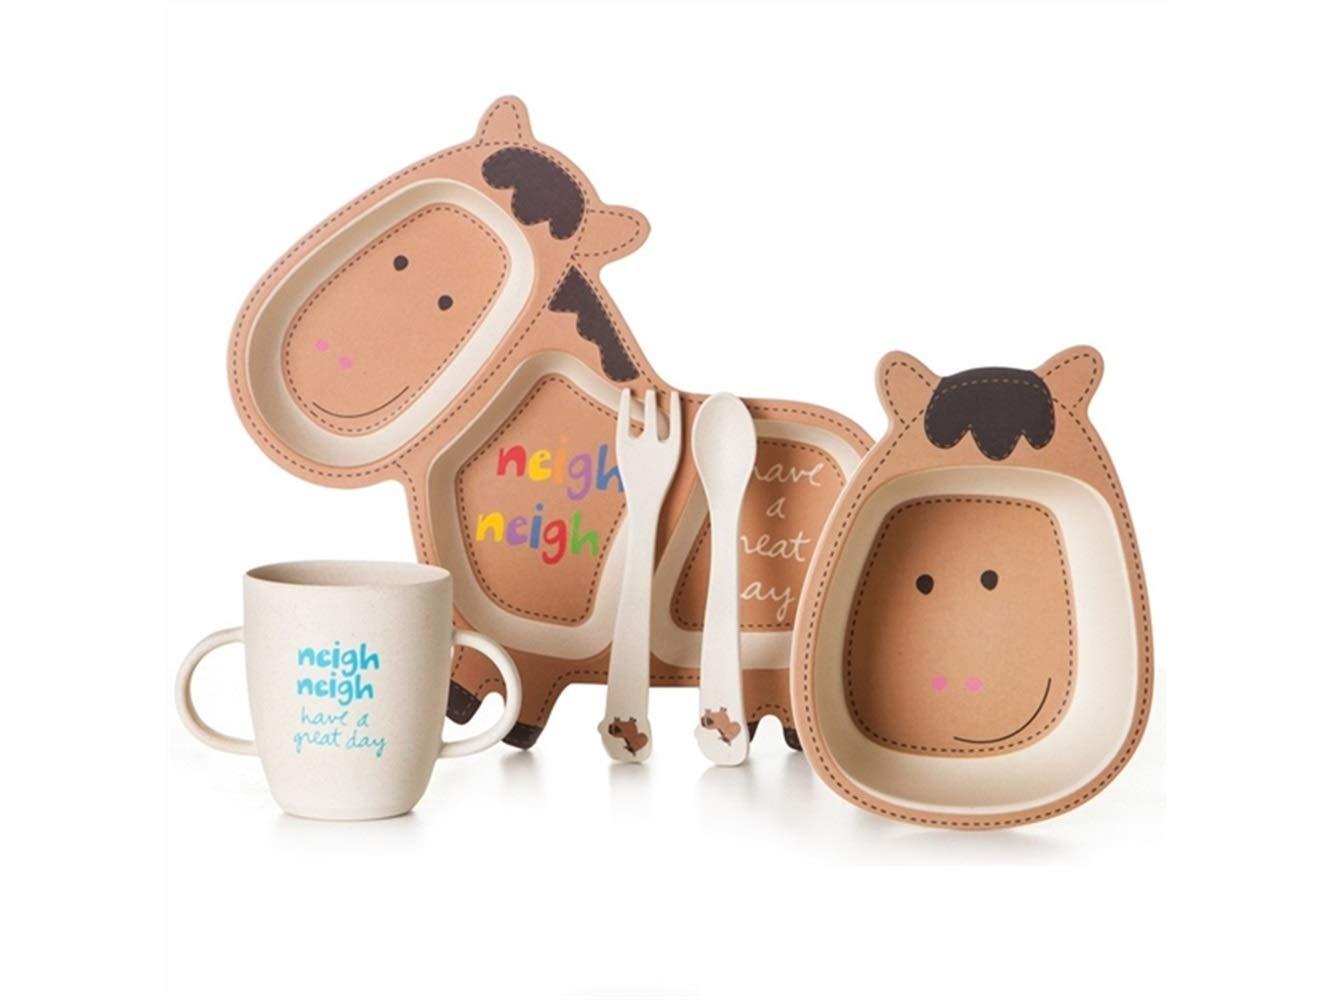 Zehaer ベビープレースマット 竹繊維 漫画 ポニーディッシュ 子供用プレート フォークスプーンカップセット 子供 幼児 子供用   B07KGB2LTS